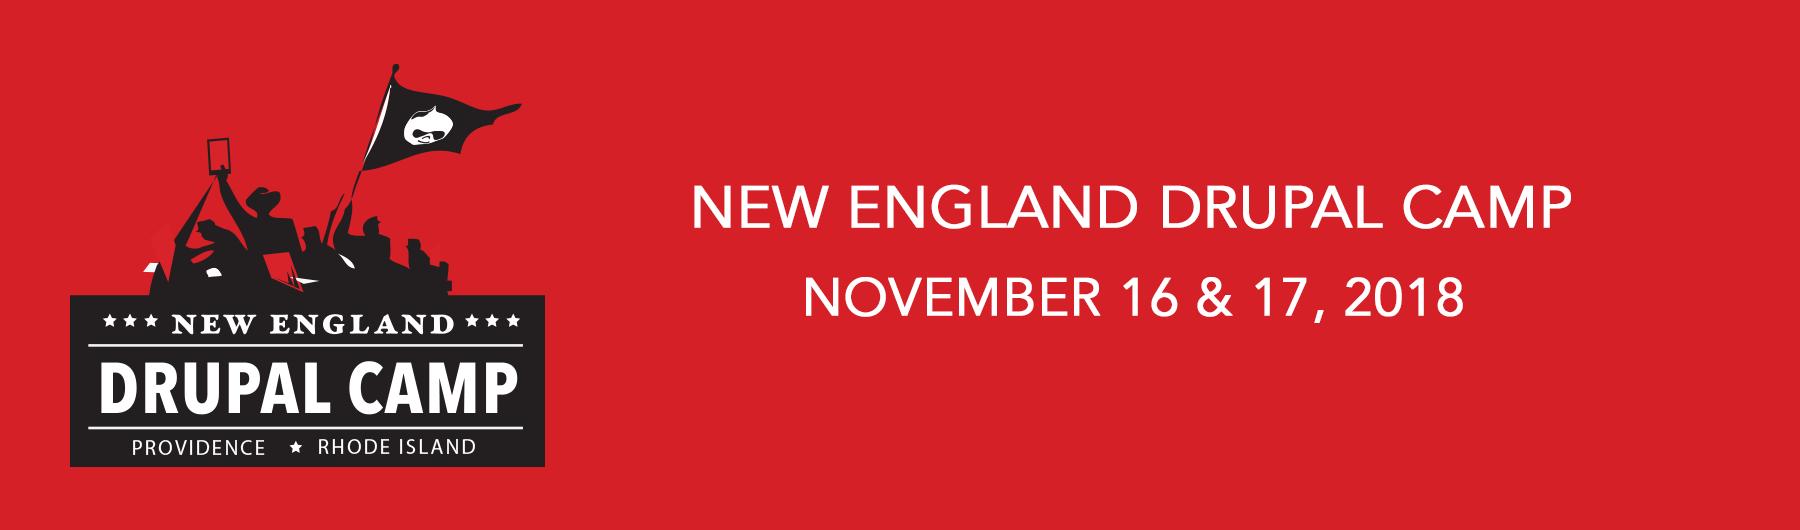 New England Drupal Camp Registration